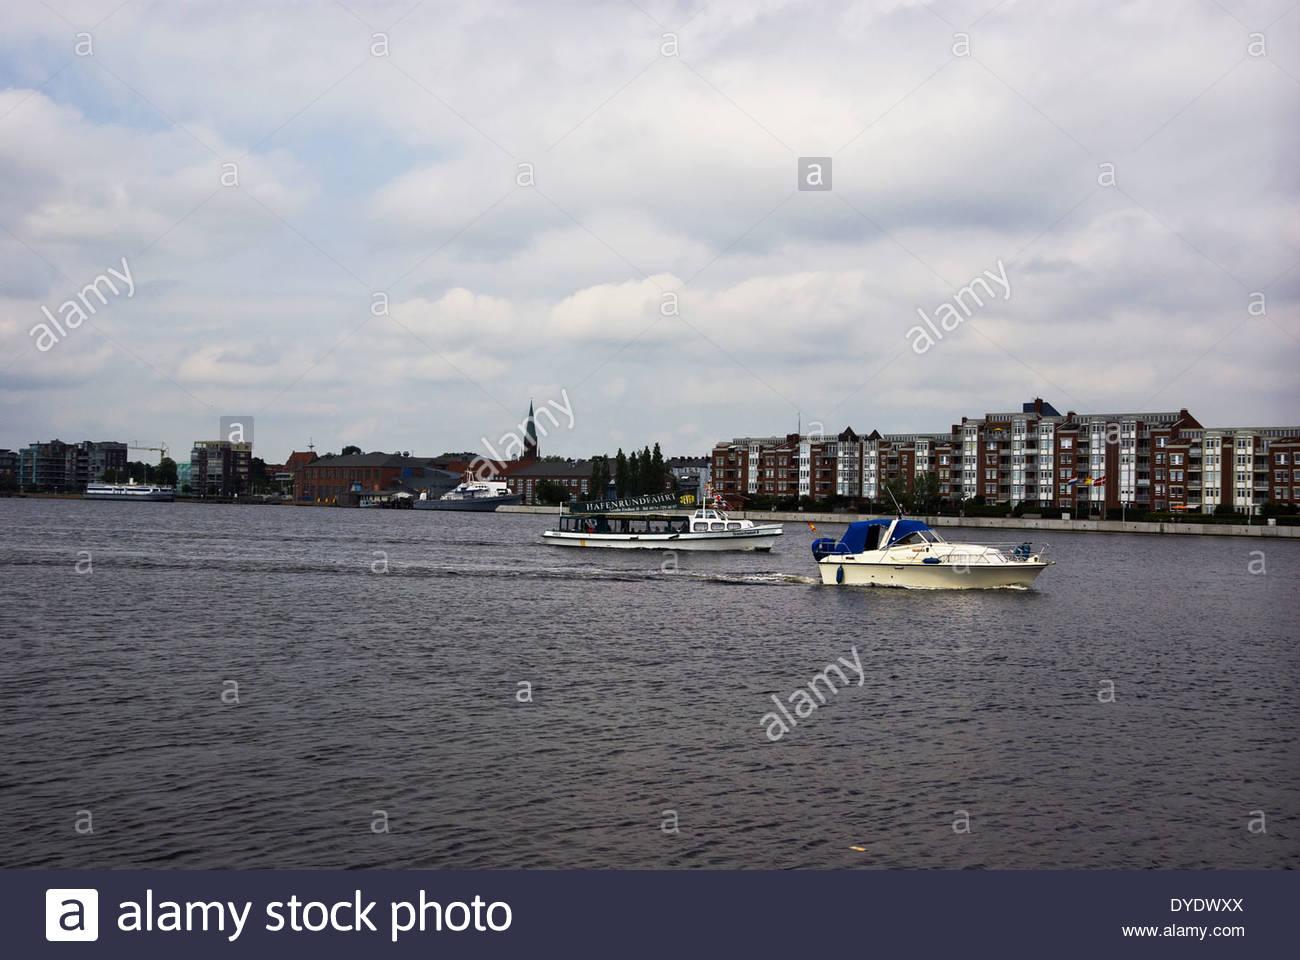 Hafenrundfahrt Emden takes tourists on round trip cruise in Jade Bight (Jadebusen) at Wilhelmshaven, Germany. - Stock Image